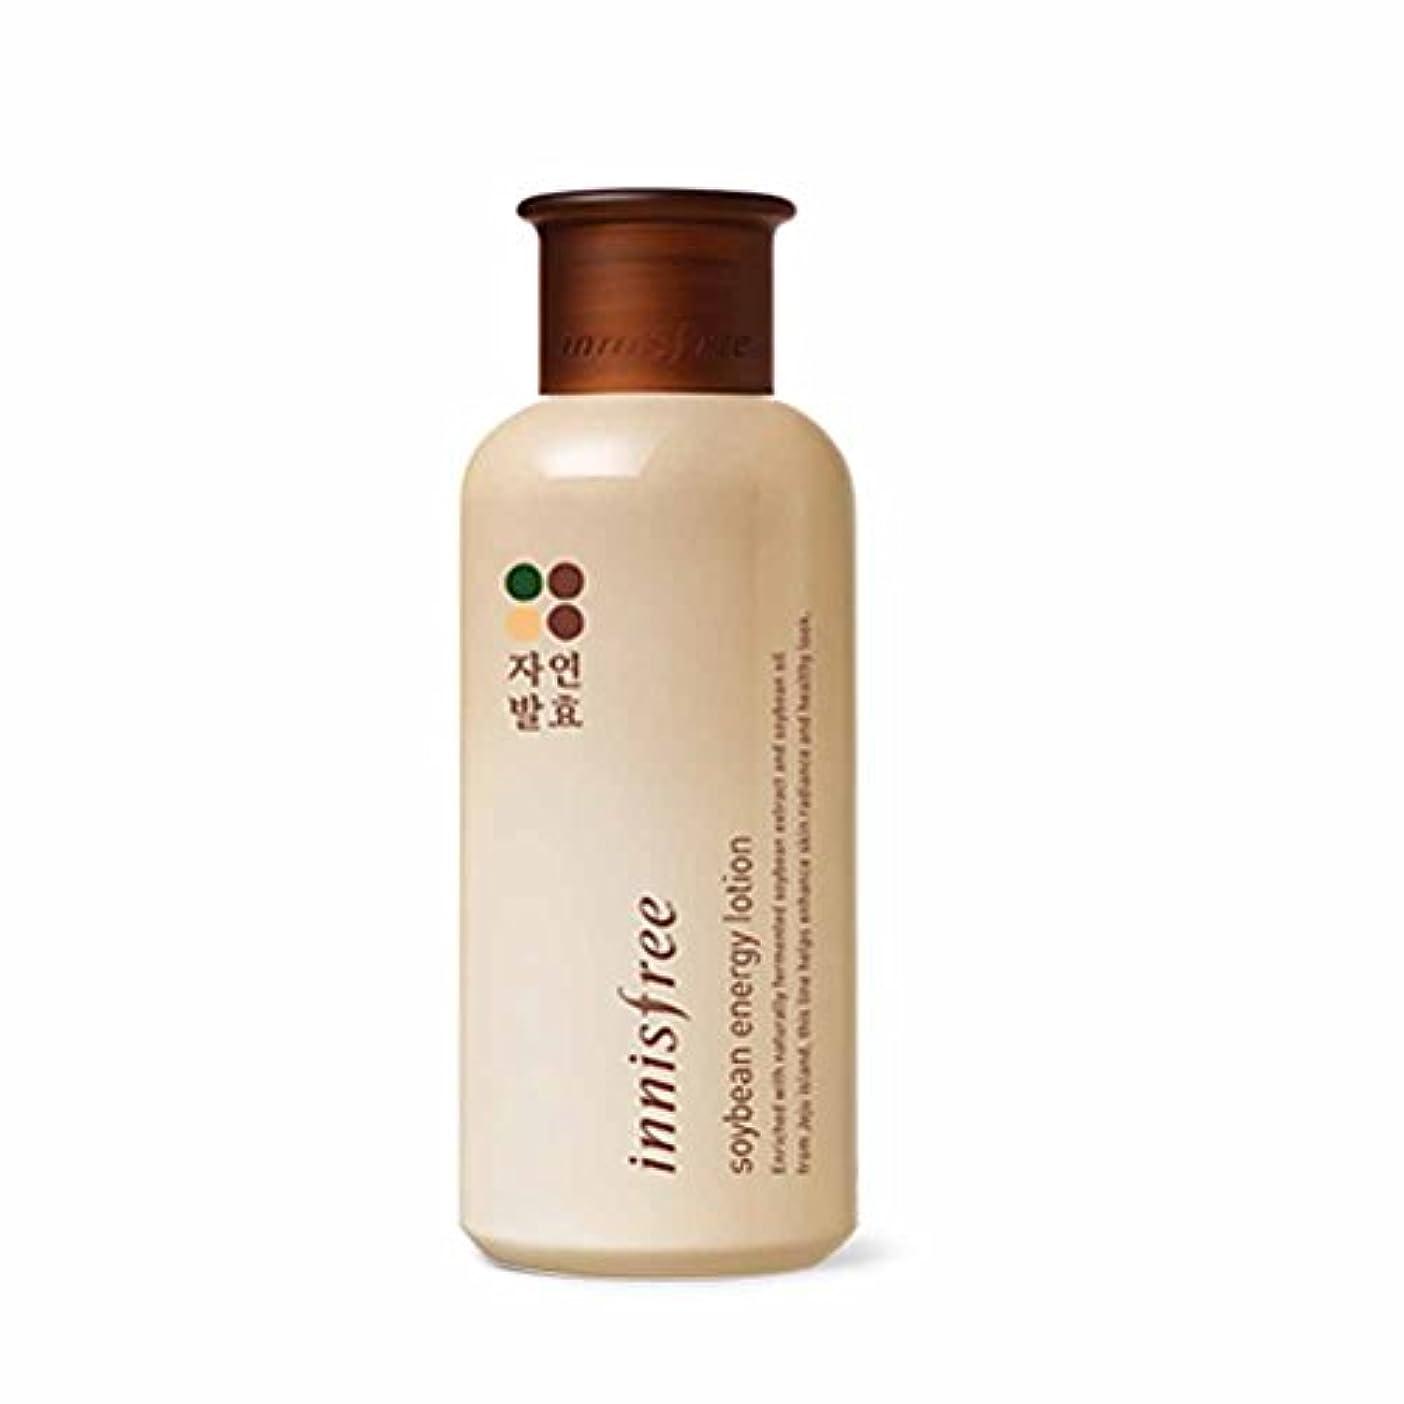 涙浸透する分配しますイニスフリーソイビーンエナジースキン(トナー)200ml / Innisfree Soybean Energy Skin(Toner) 200ml[海外直送品][並行輸入品]